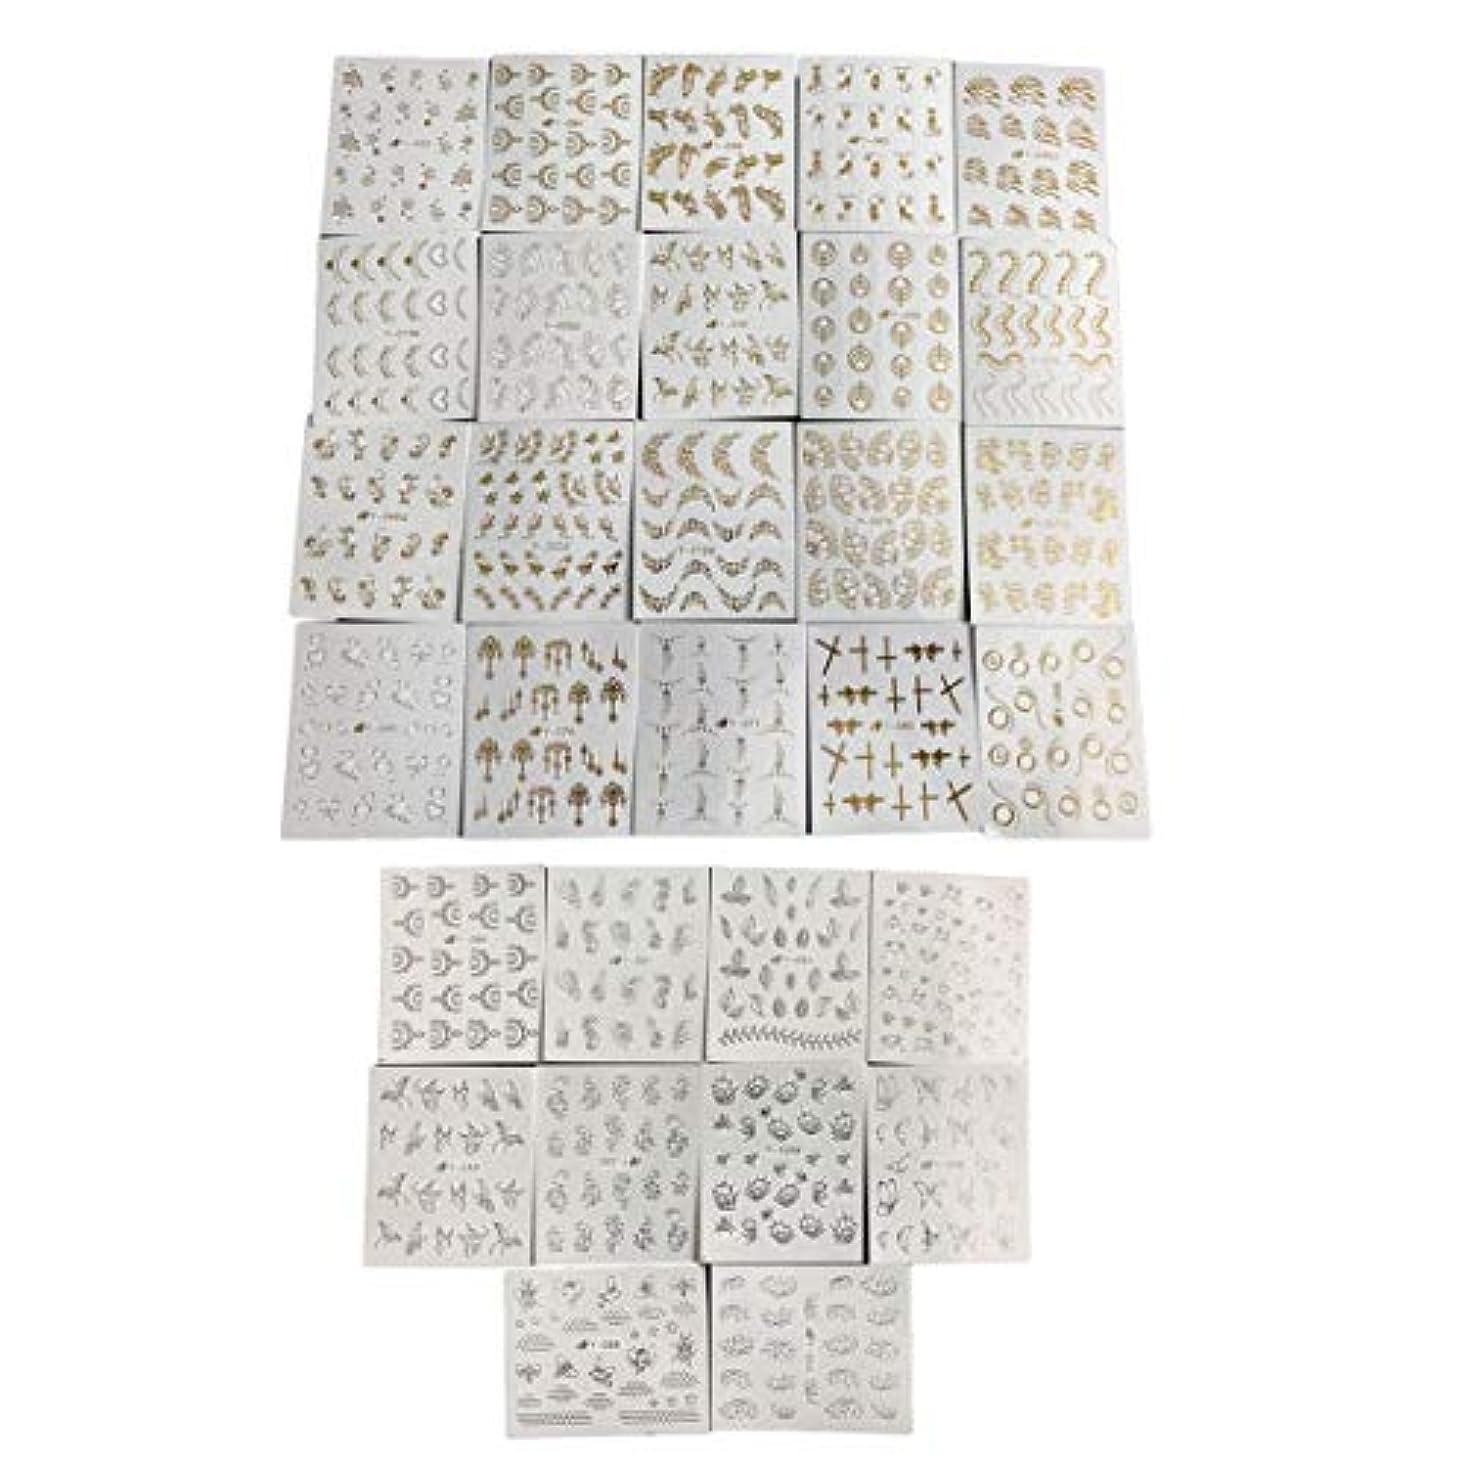 ヘビペンマスクフルビューティー30ピースゴールドシルバーネーターウォーターステッパーフェザーフラワーデザインデカール用ネイルデコレーションネイルアートマニキュア